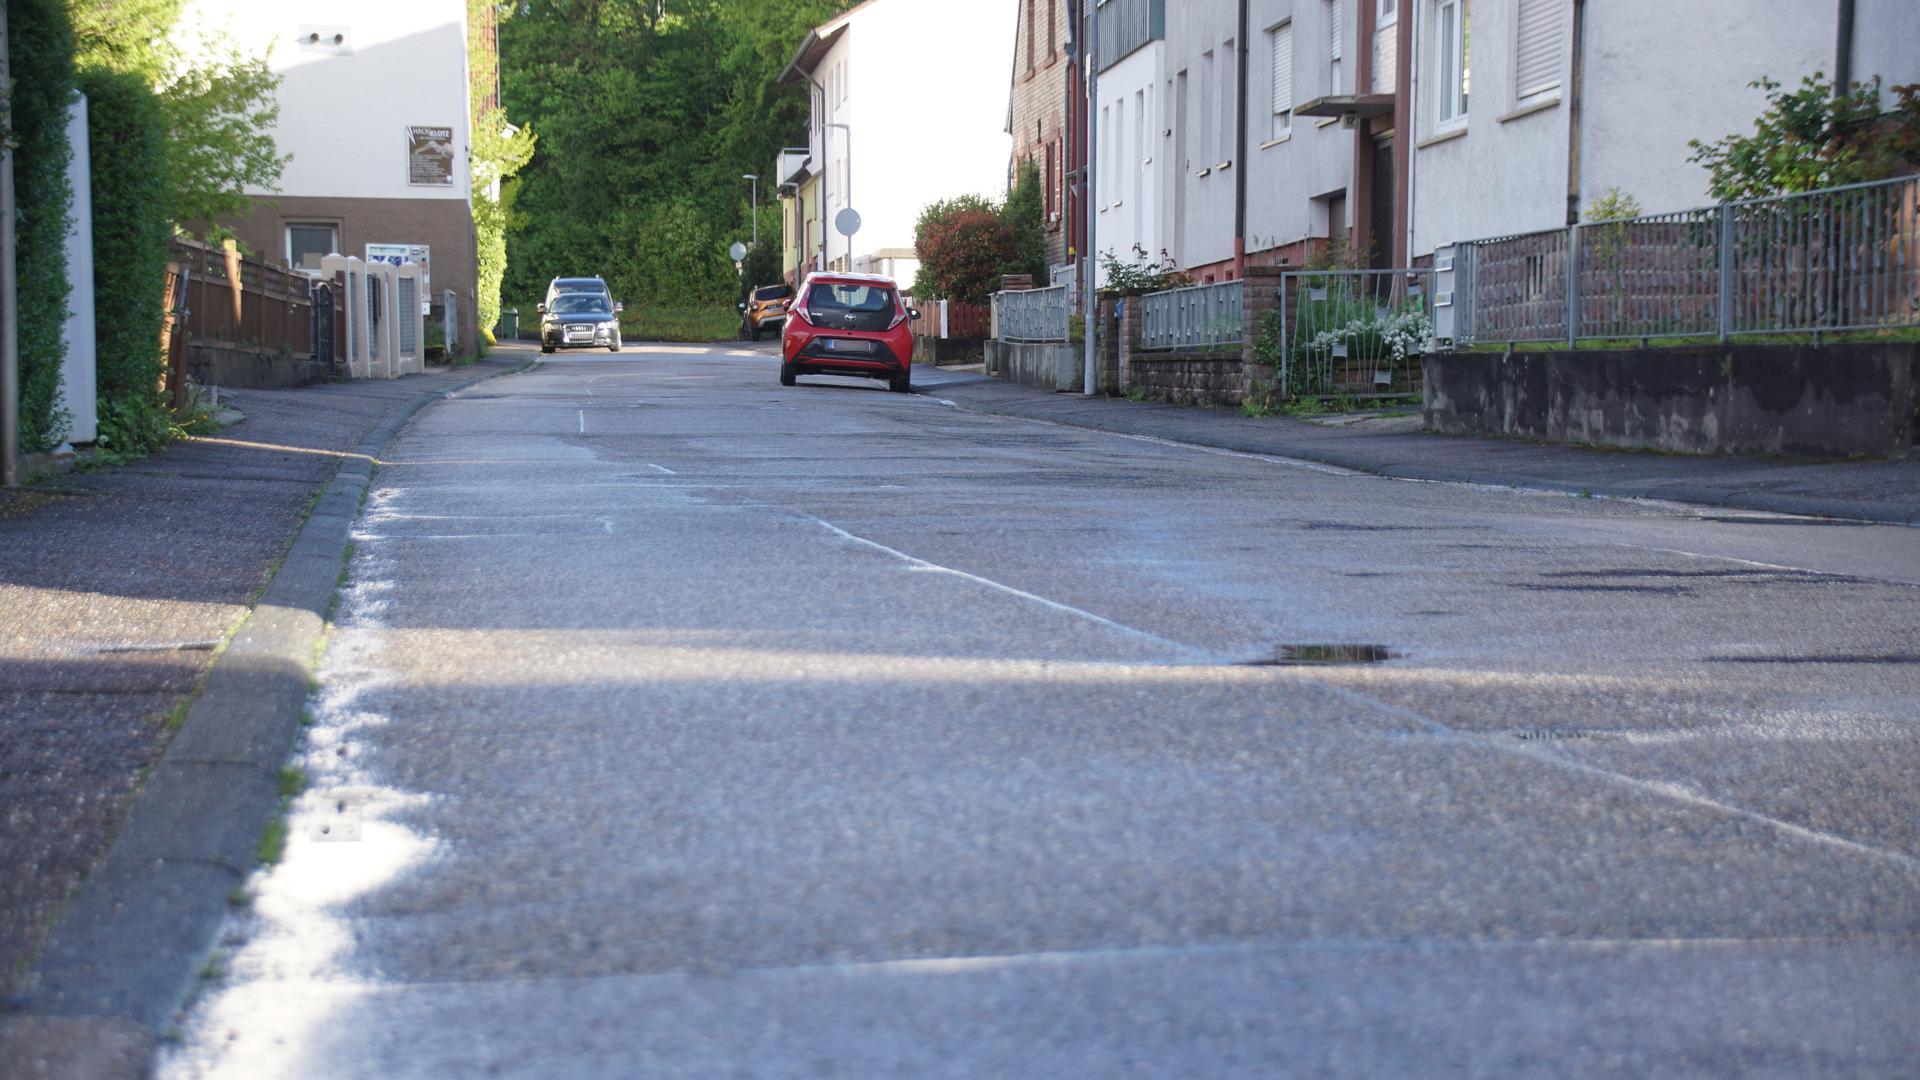 Nun also doch nicht: Die Sanierung des Asphalts in der Wilferdinger Straße in Ersingen wird vorerst zurückgestellt.